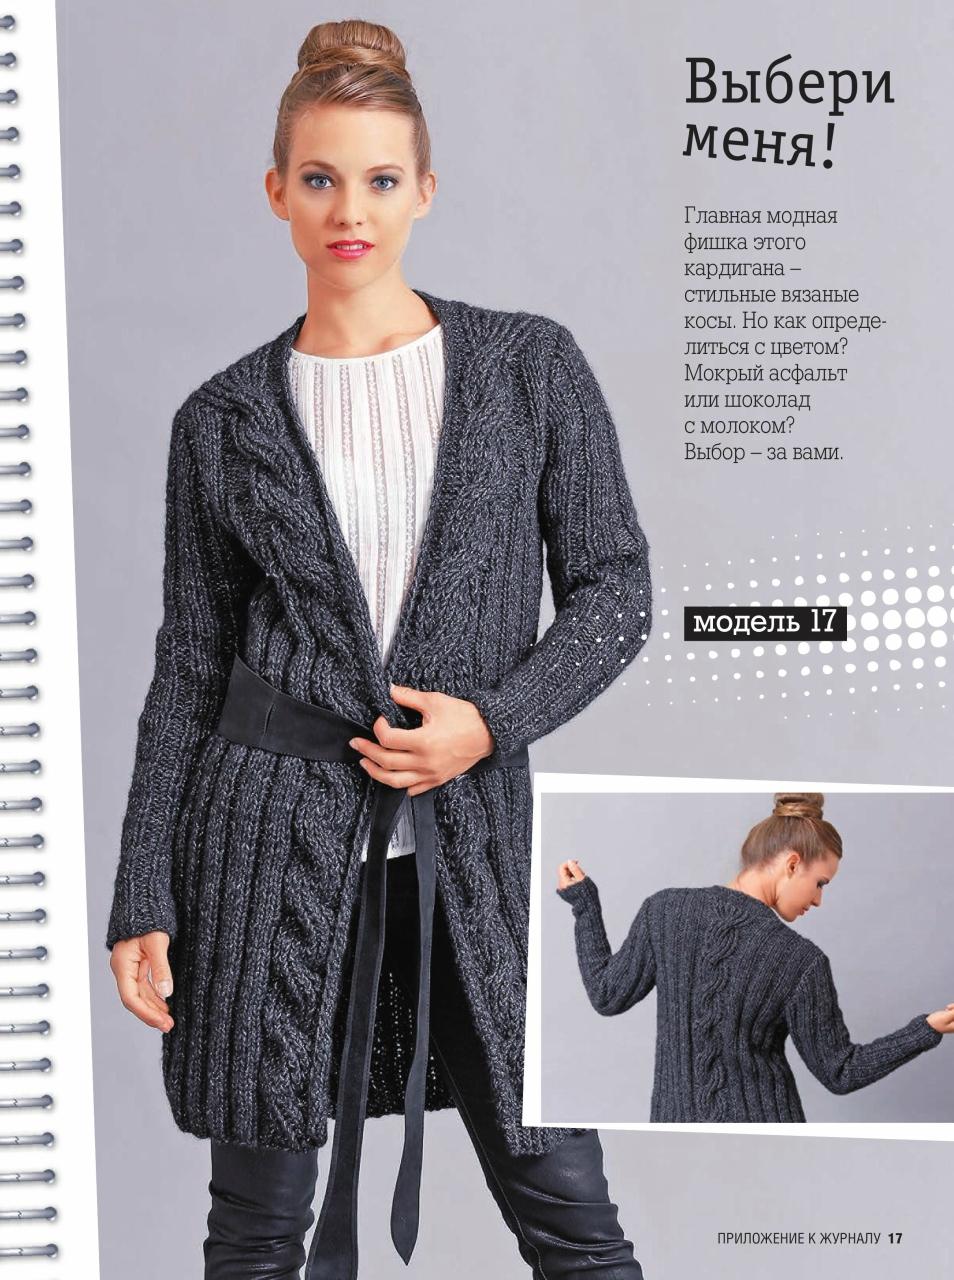 Вязание кардиганов спицами для женщин модные модели